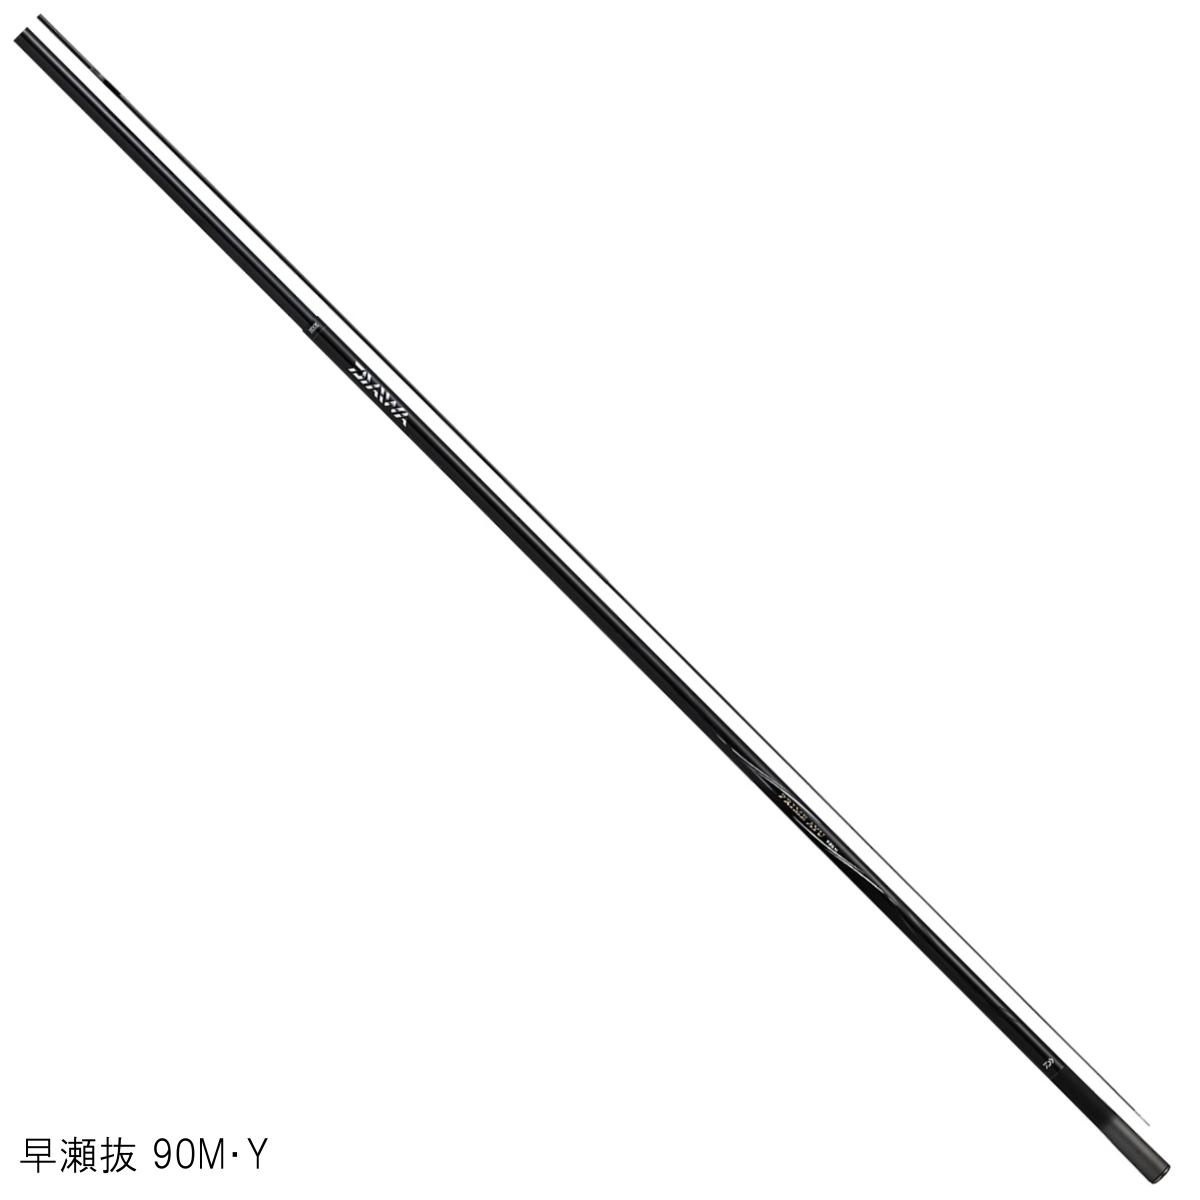 ダイワ プライム アユ 早瀬抜 90M・Y【送料無料】